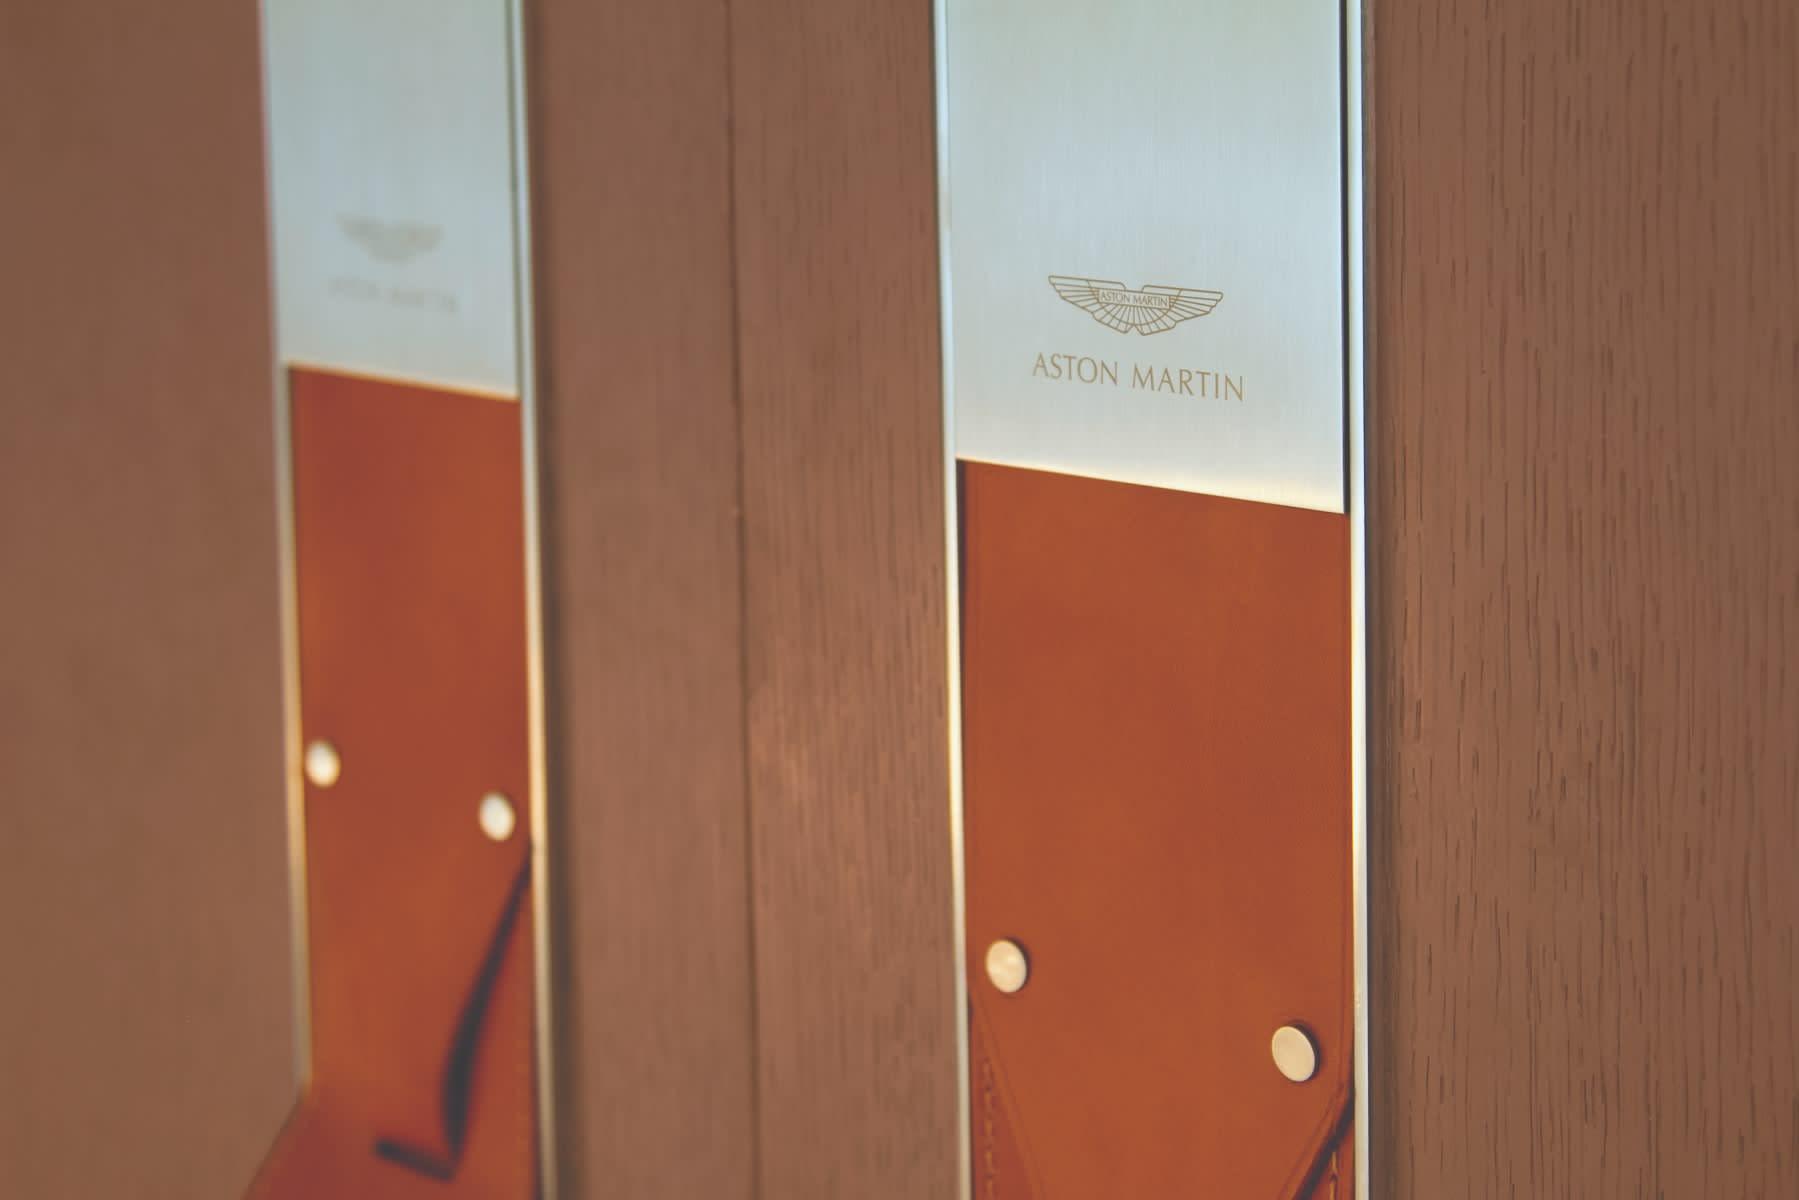 Aston Martin Residences